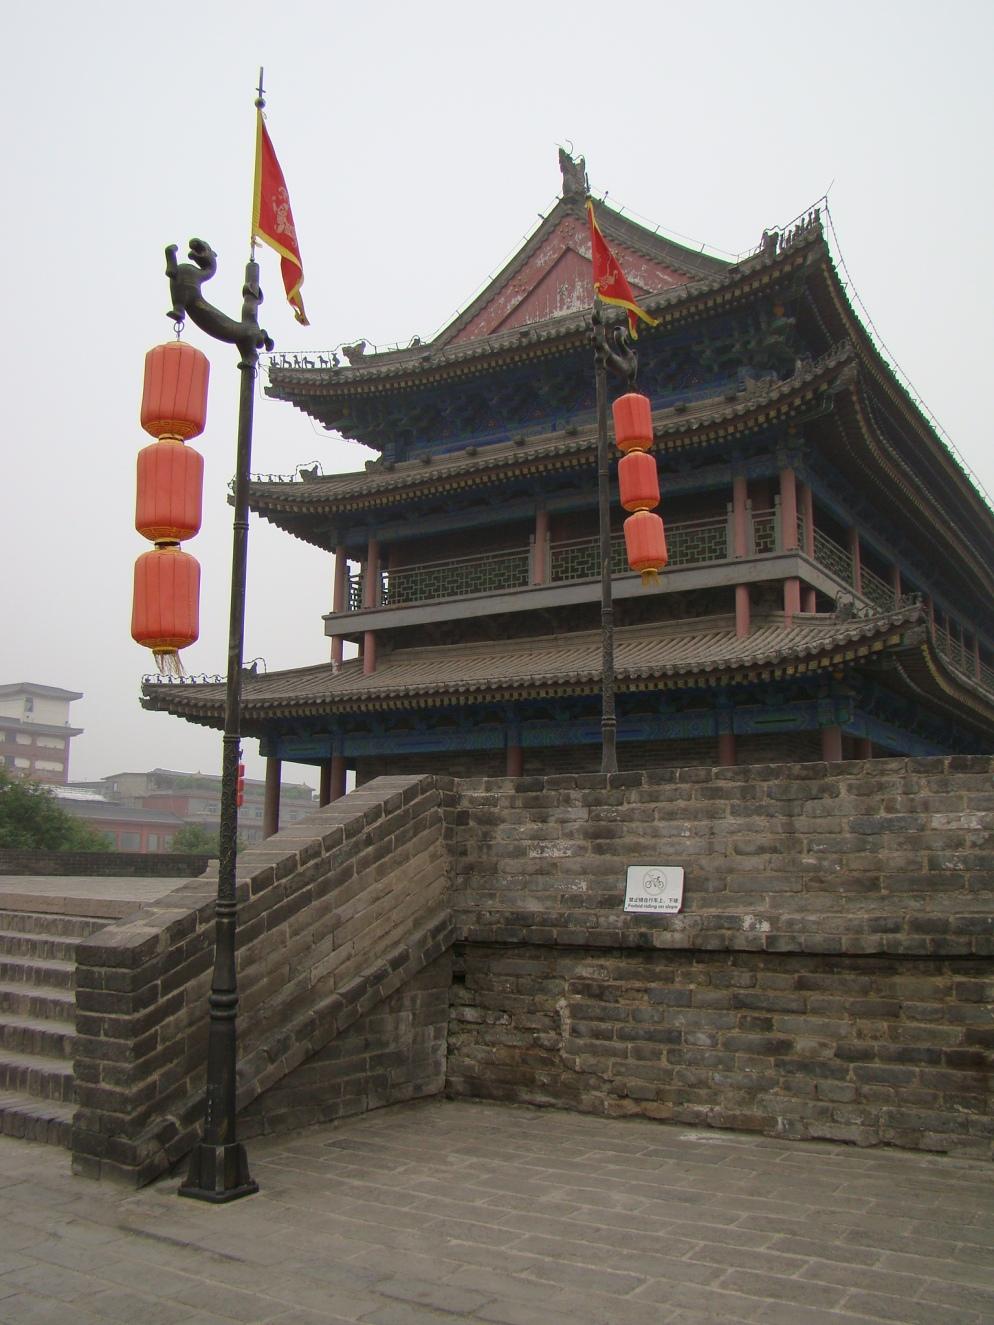 Xian City Wall Watch Tower